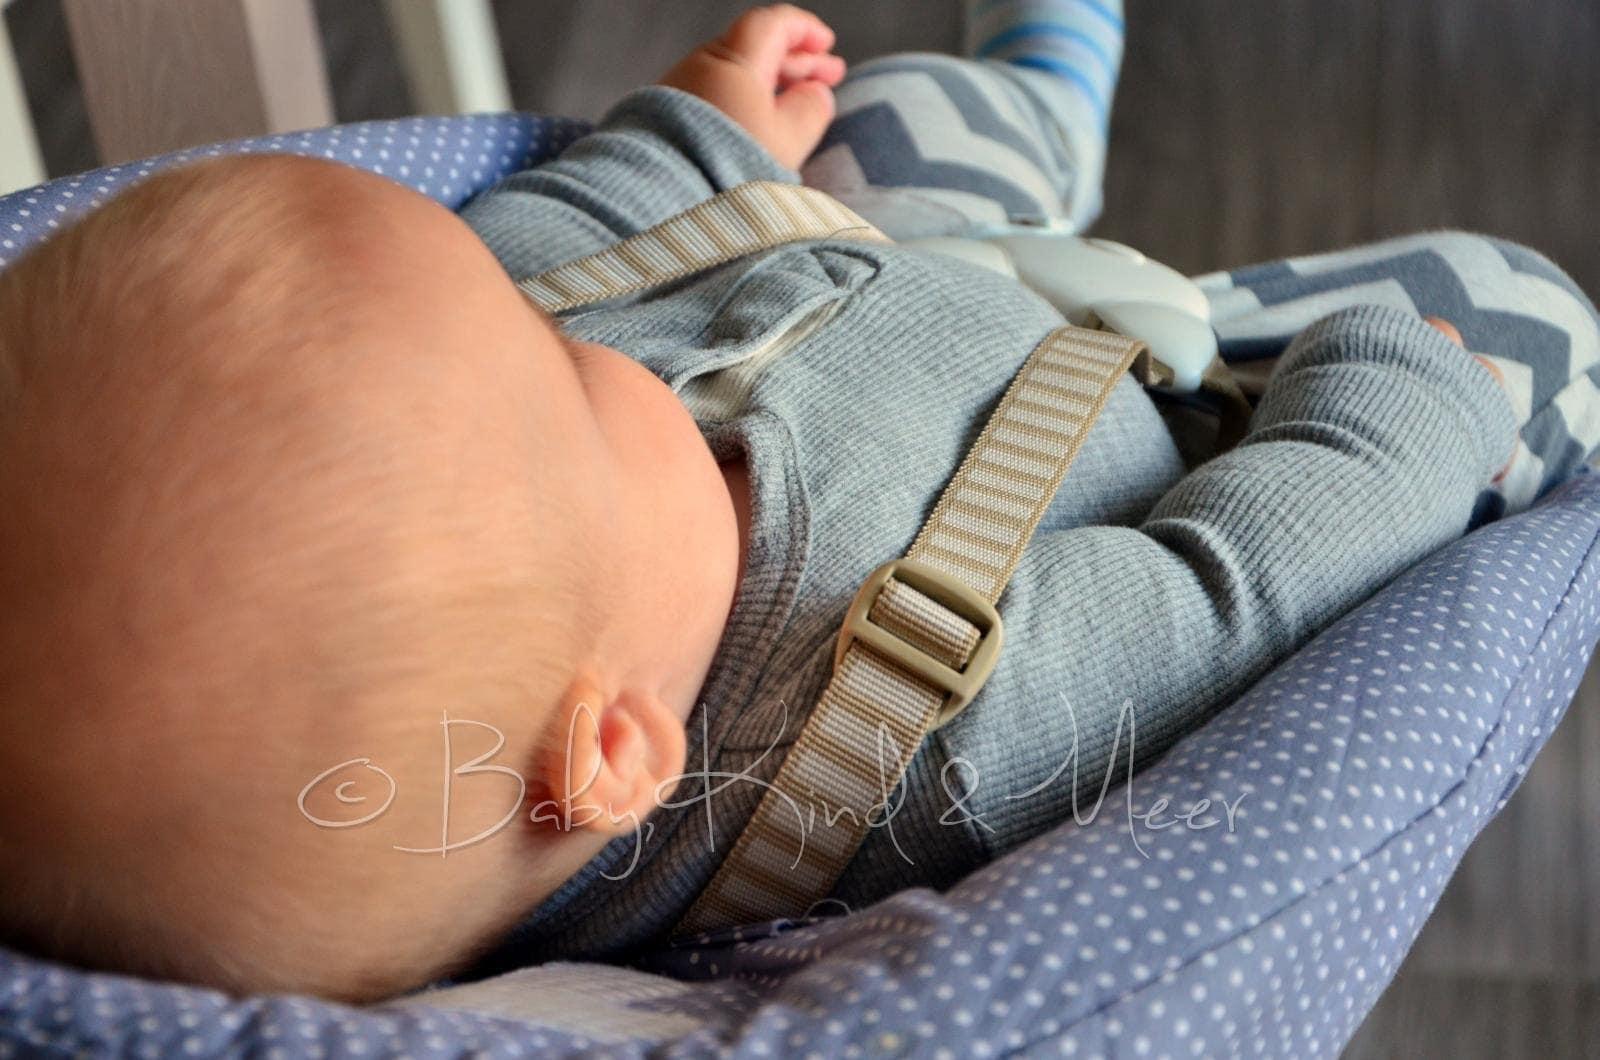 Kind Vom Klettergerüst Auf Bauch Gefallen : Ein entspanntes wochenende familie baby kind und meer